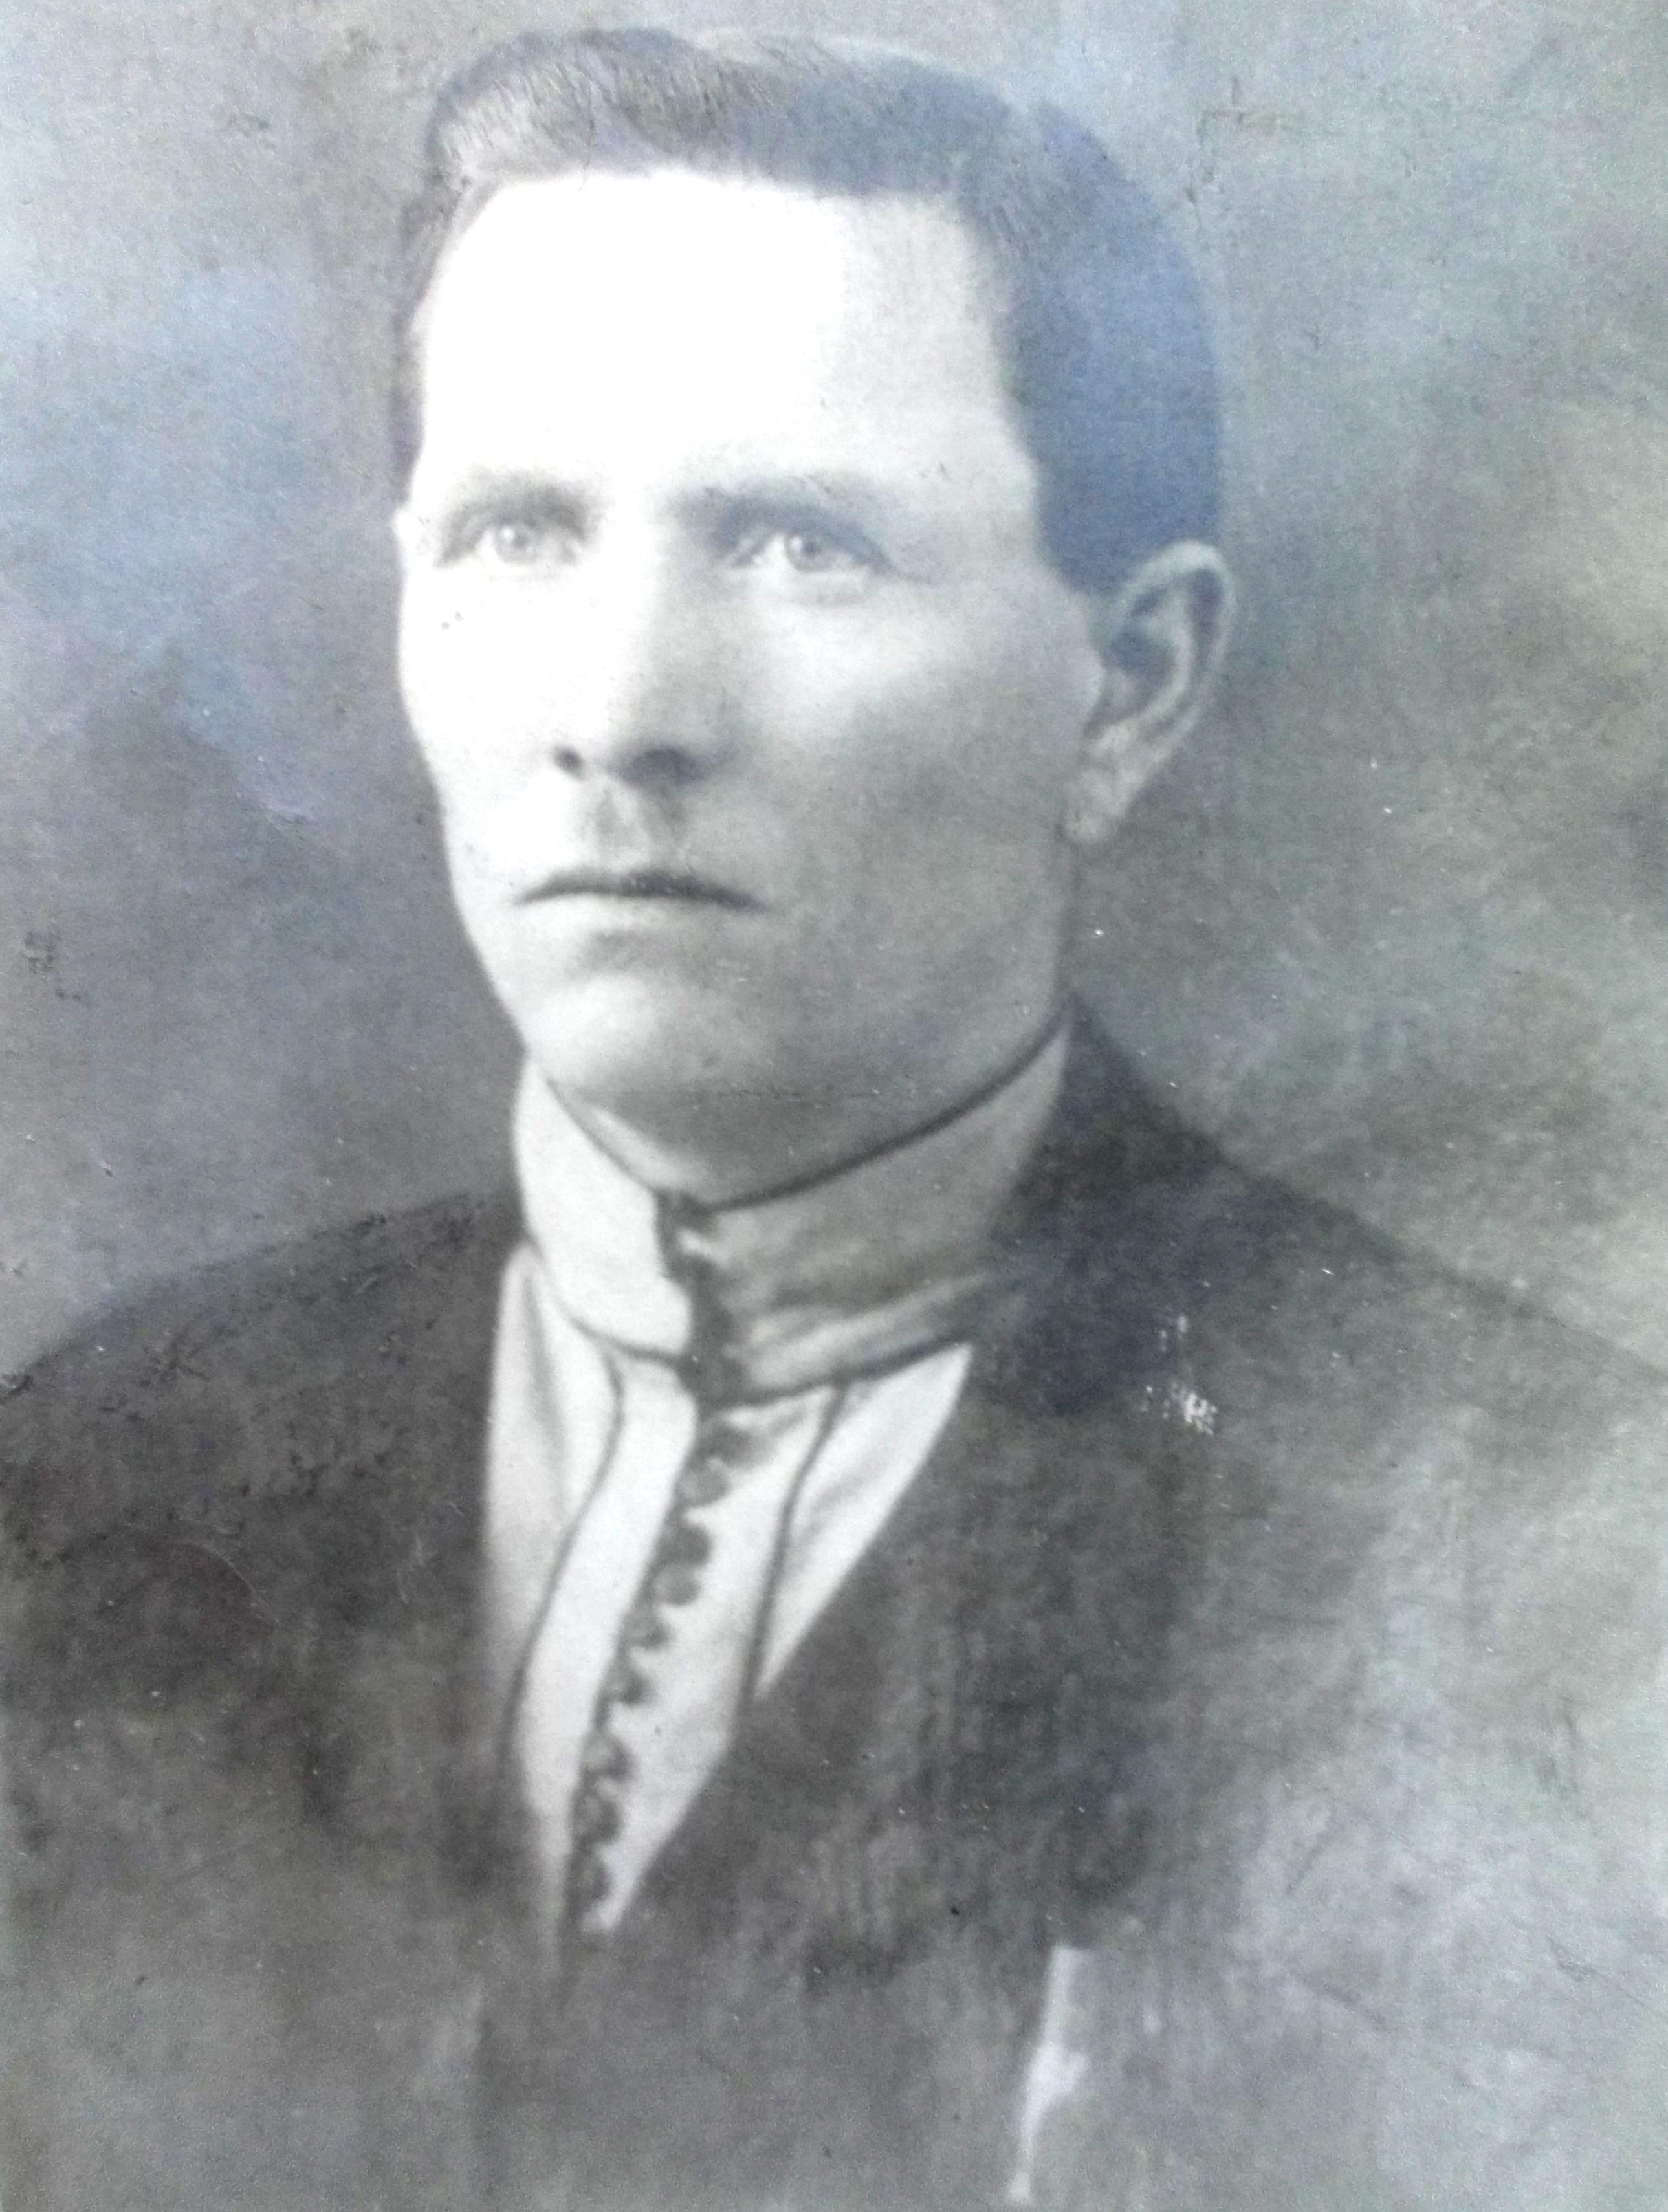 Первый председатель колхоза «Океан» И. Г. Аникиев. Фото из личного архива Л. И. Аникиева